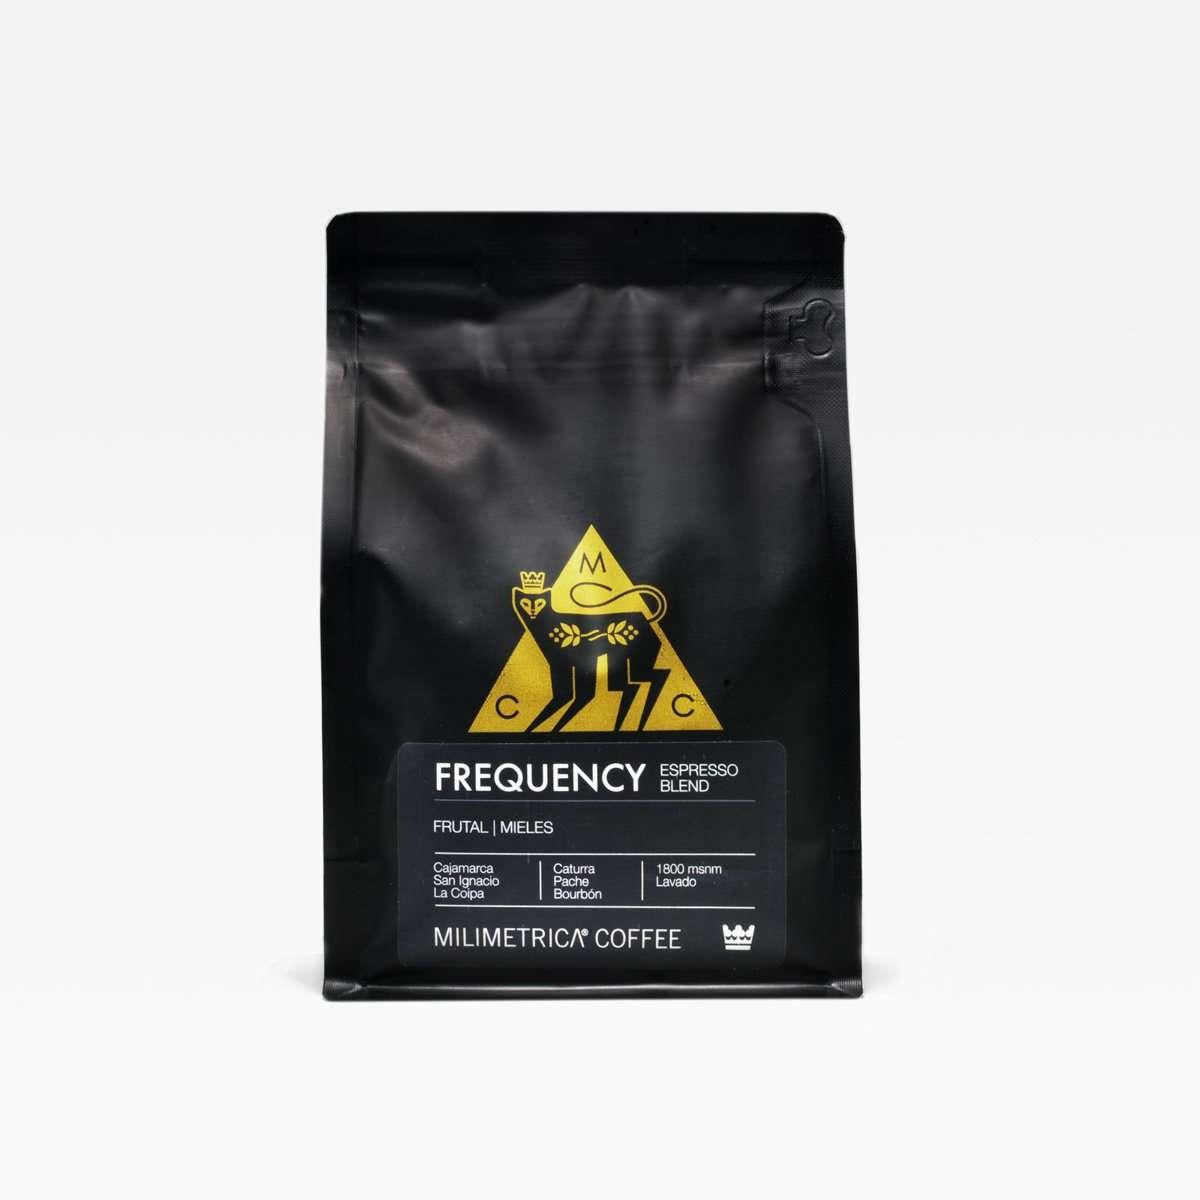 Café Milimétrica Frequency